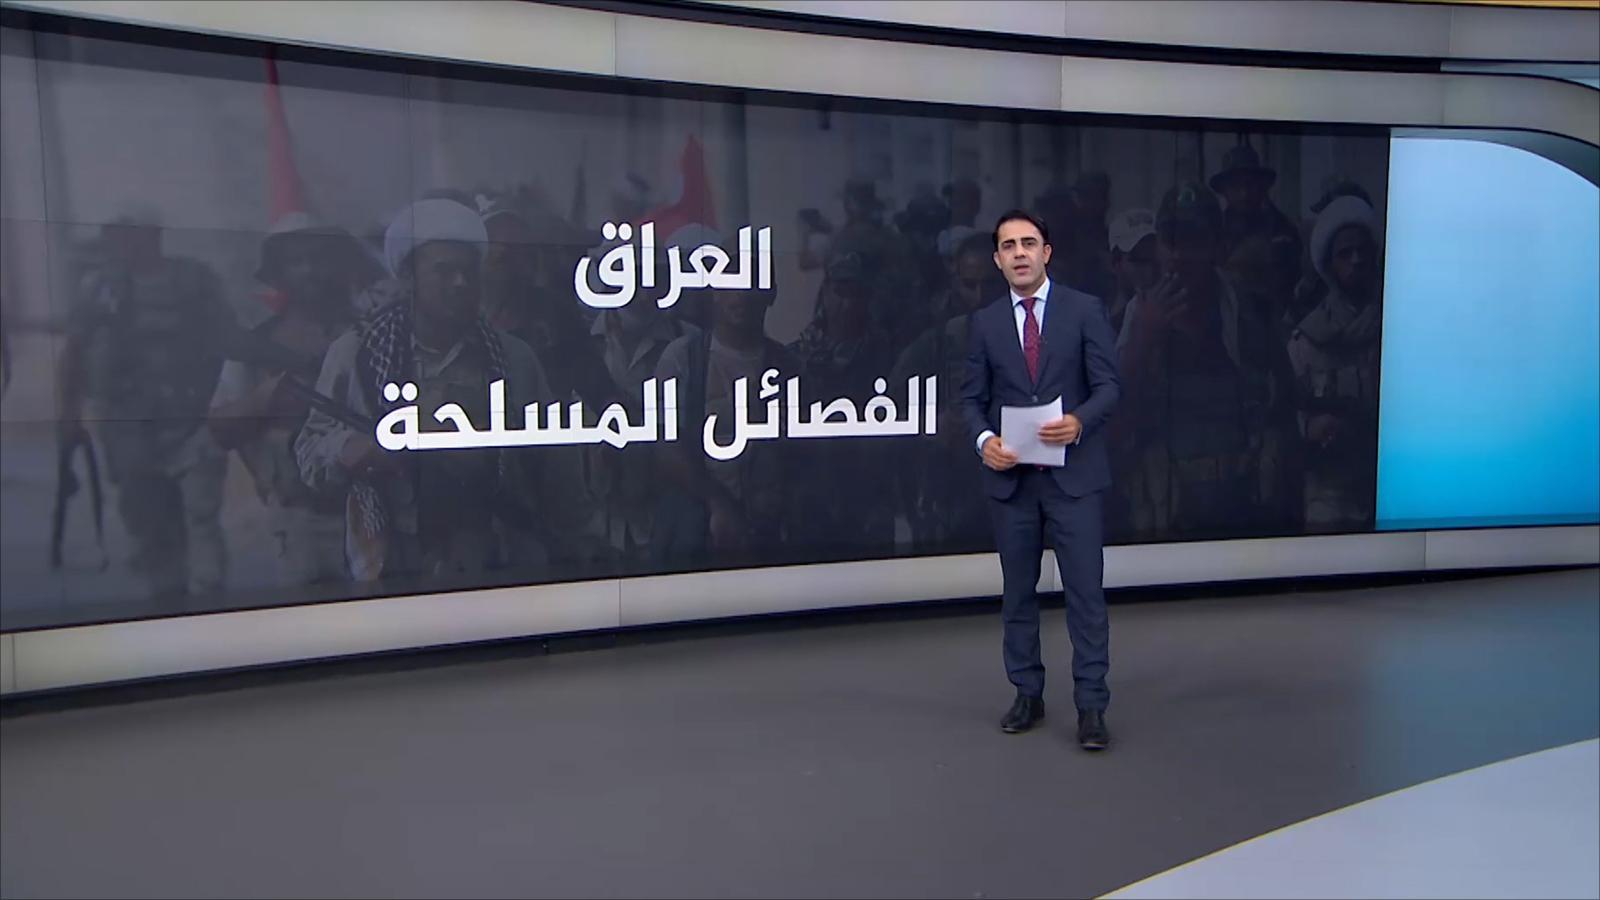 أبرز الفصائل المسلحة في العراق